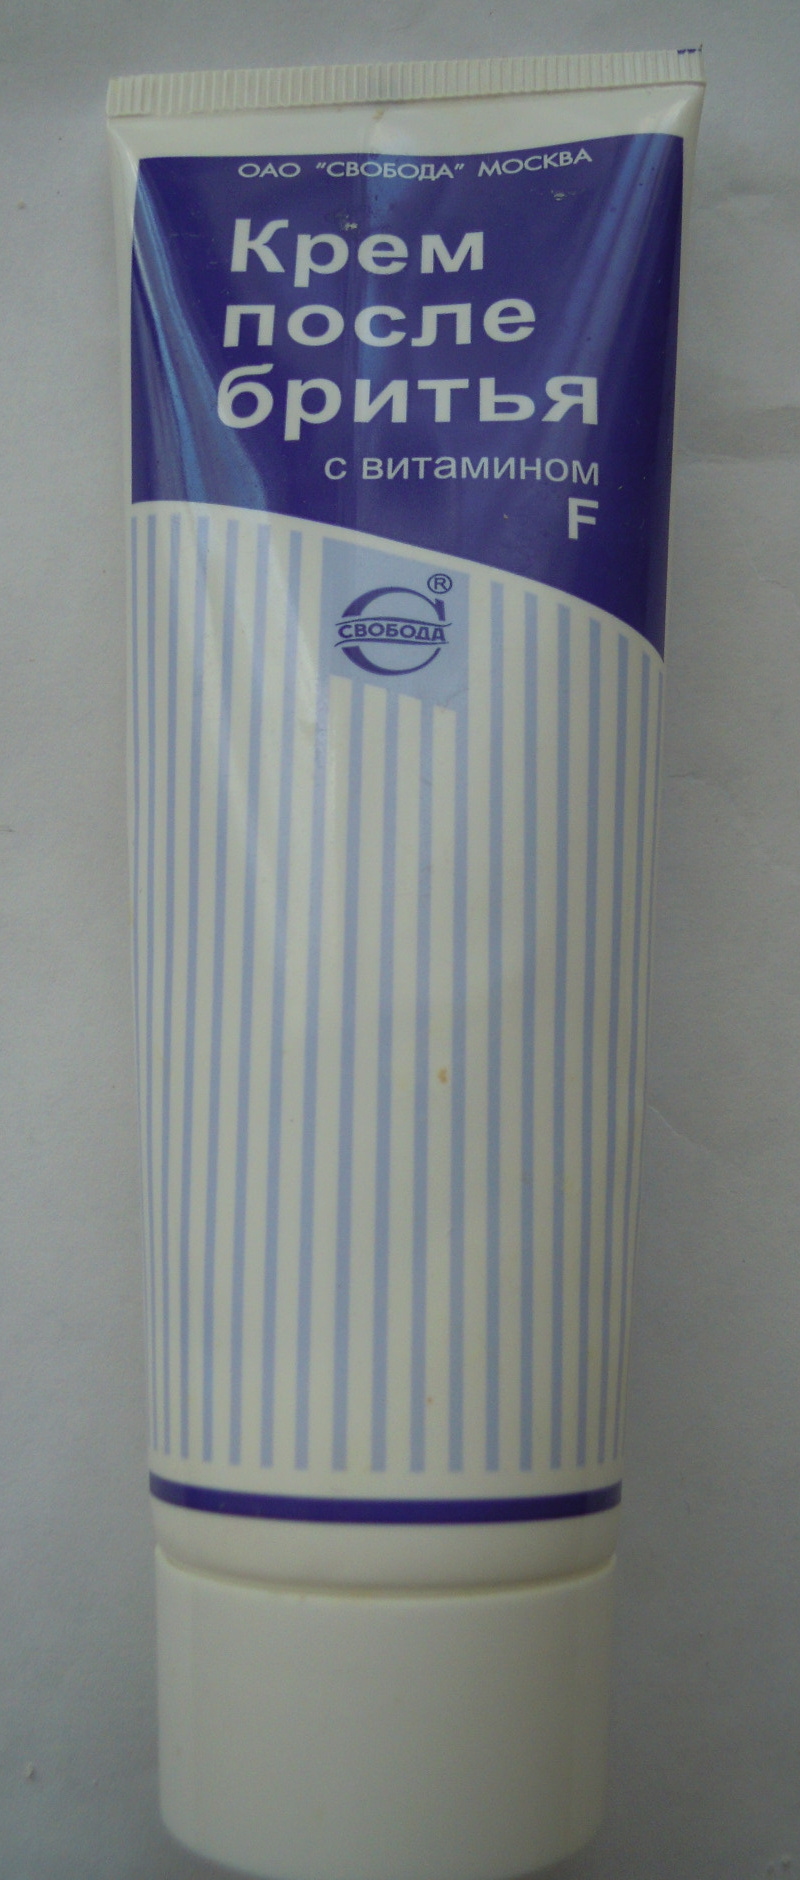 Крем после бритья с витамином F - Product - ru